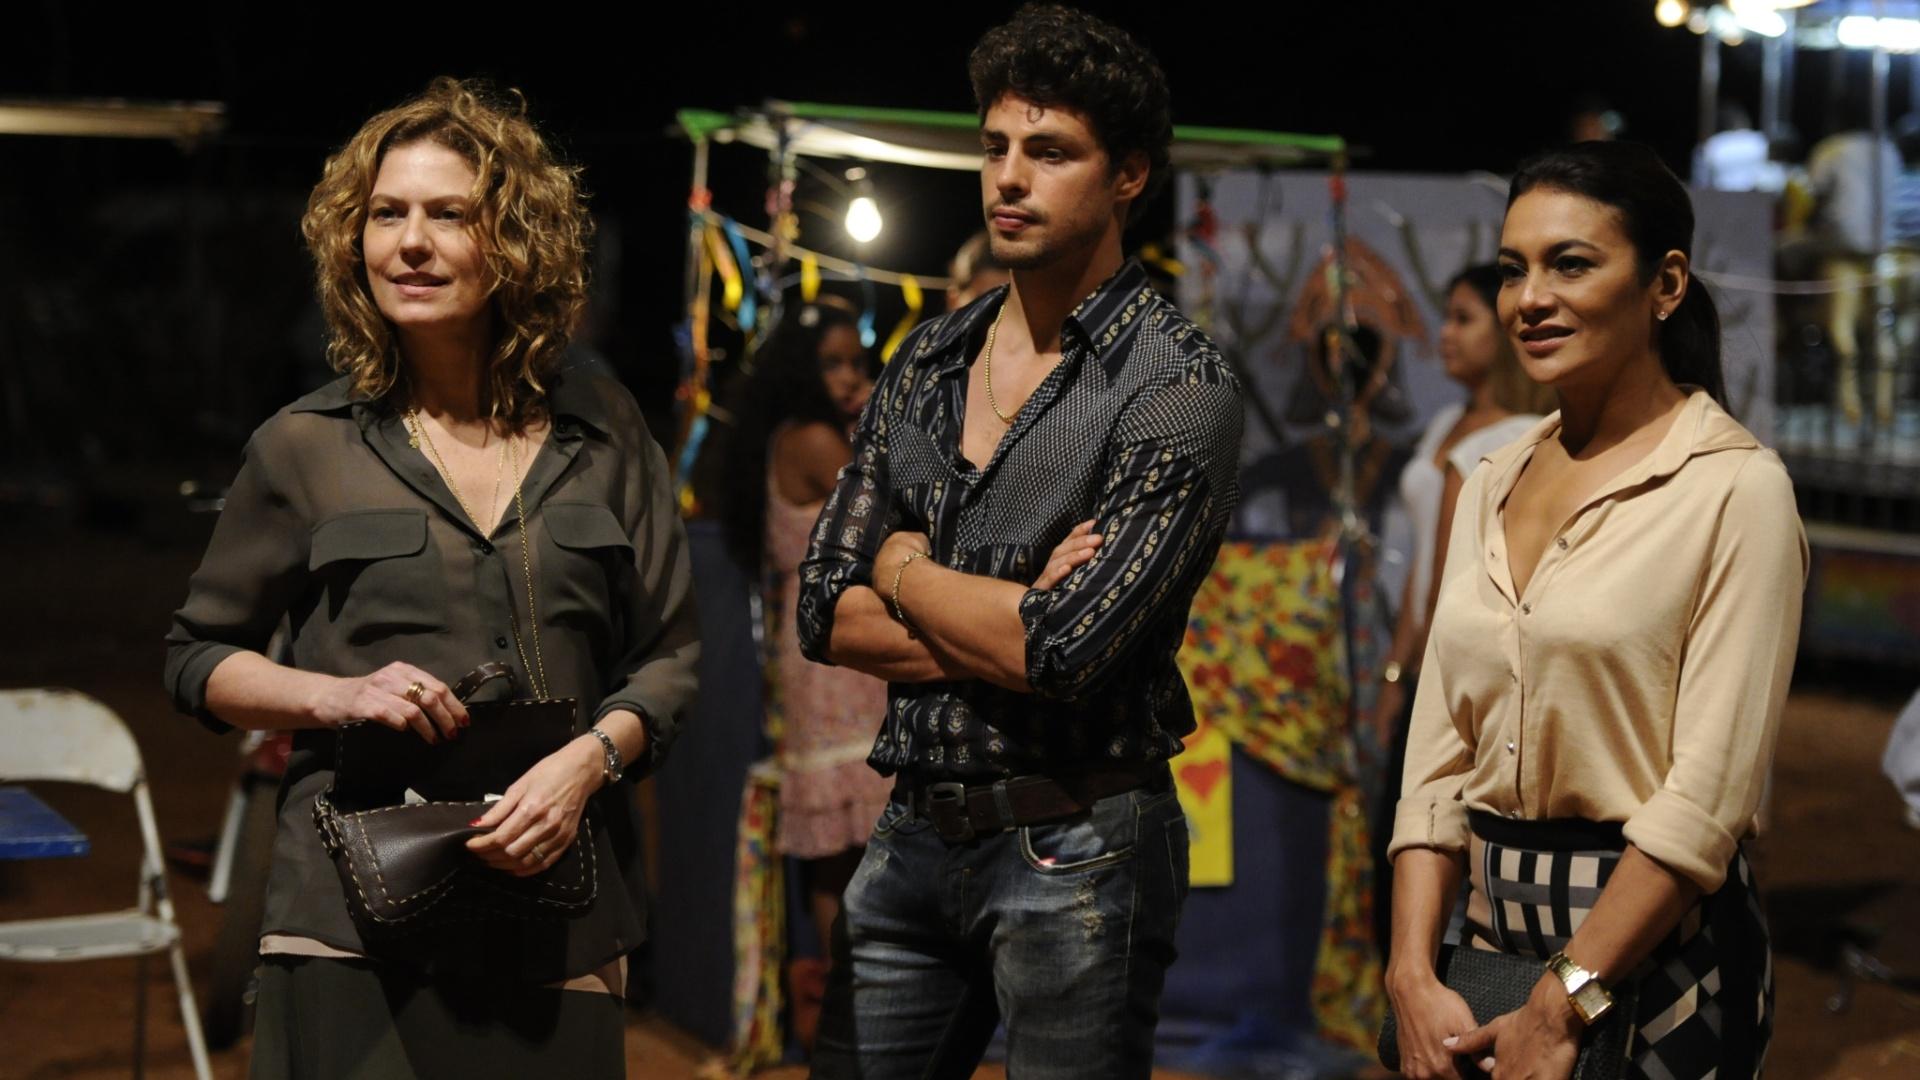 29.nov.2013 - Patrícia Pillar, Cauã Reymond e Dira Paes gravam cenas da minissérie